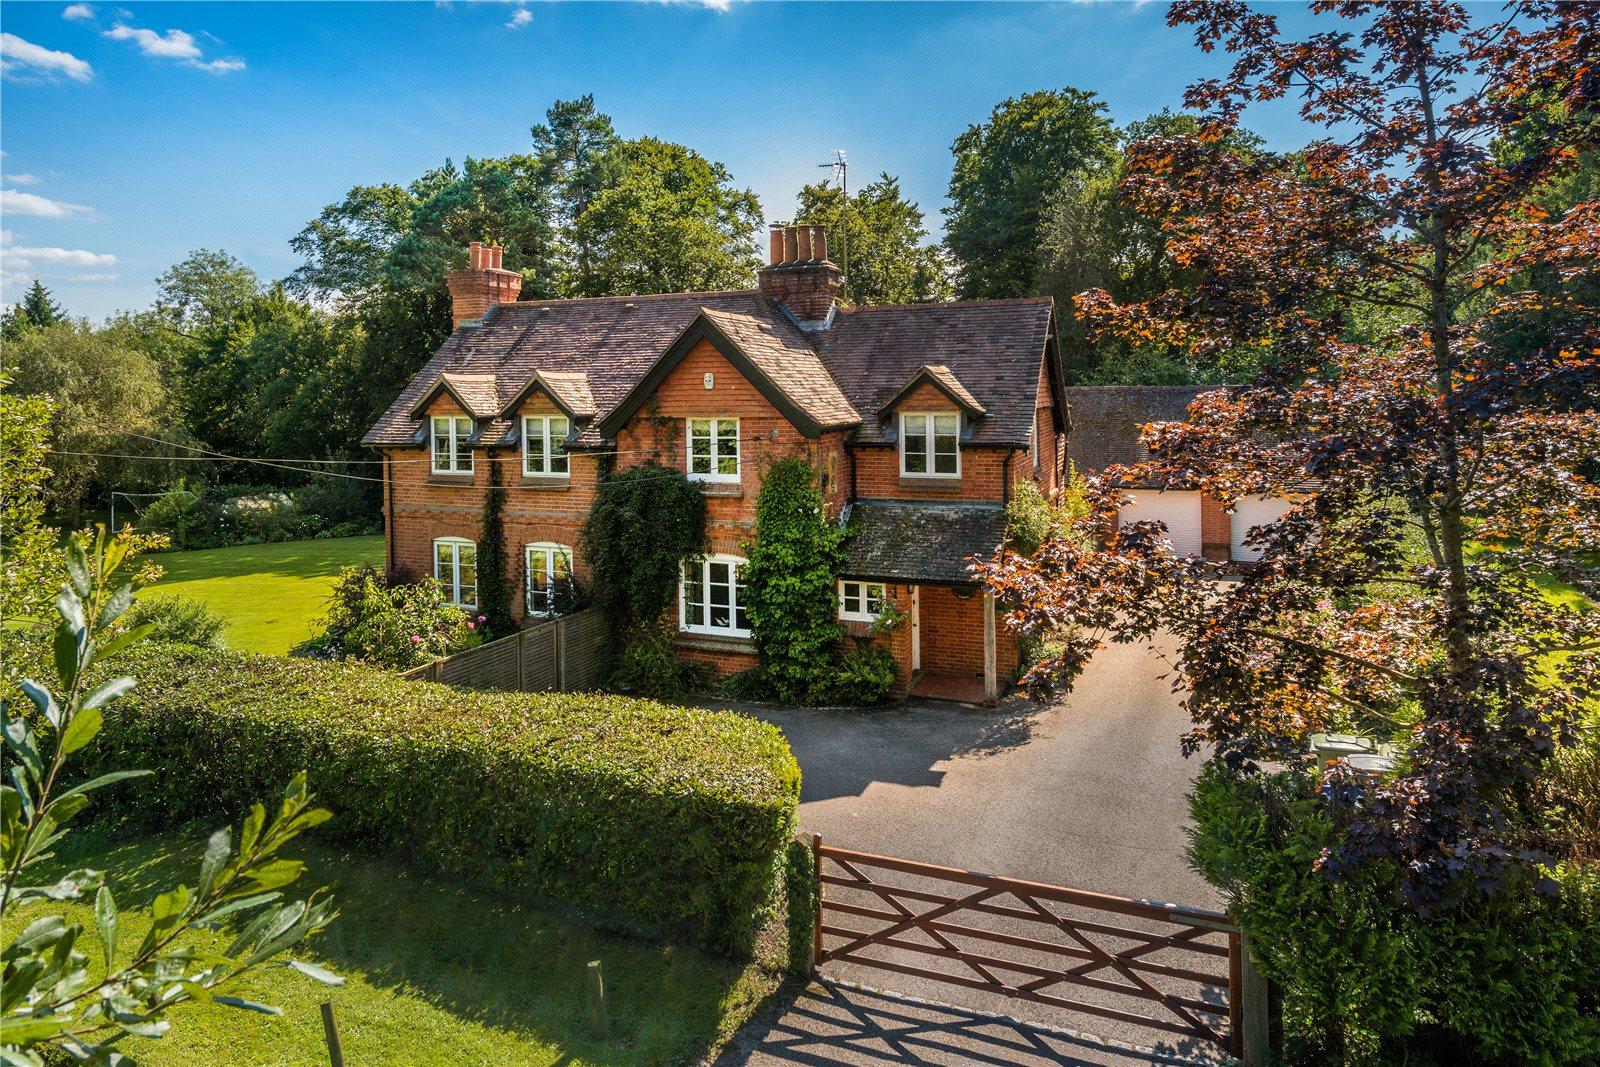 단독 가정 주택 용 매매 에 Dockenfield, Farnham, Surrey, GU10 Farnham, 영국